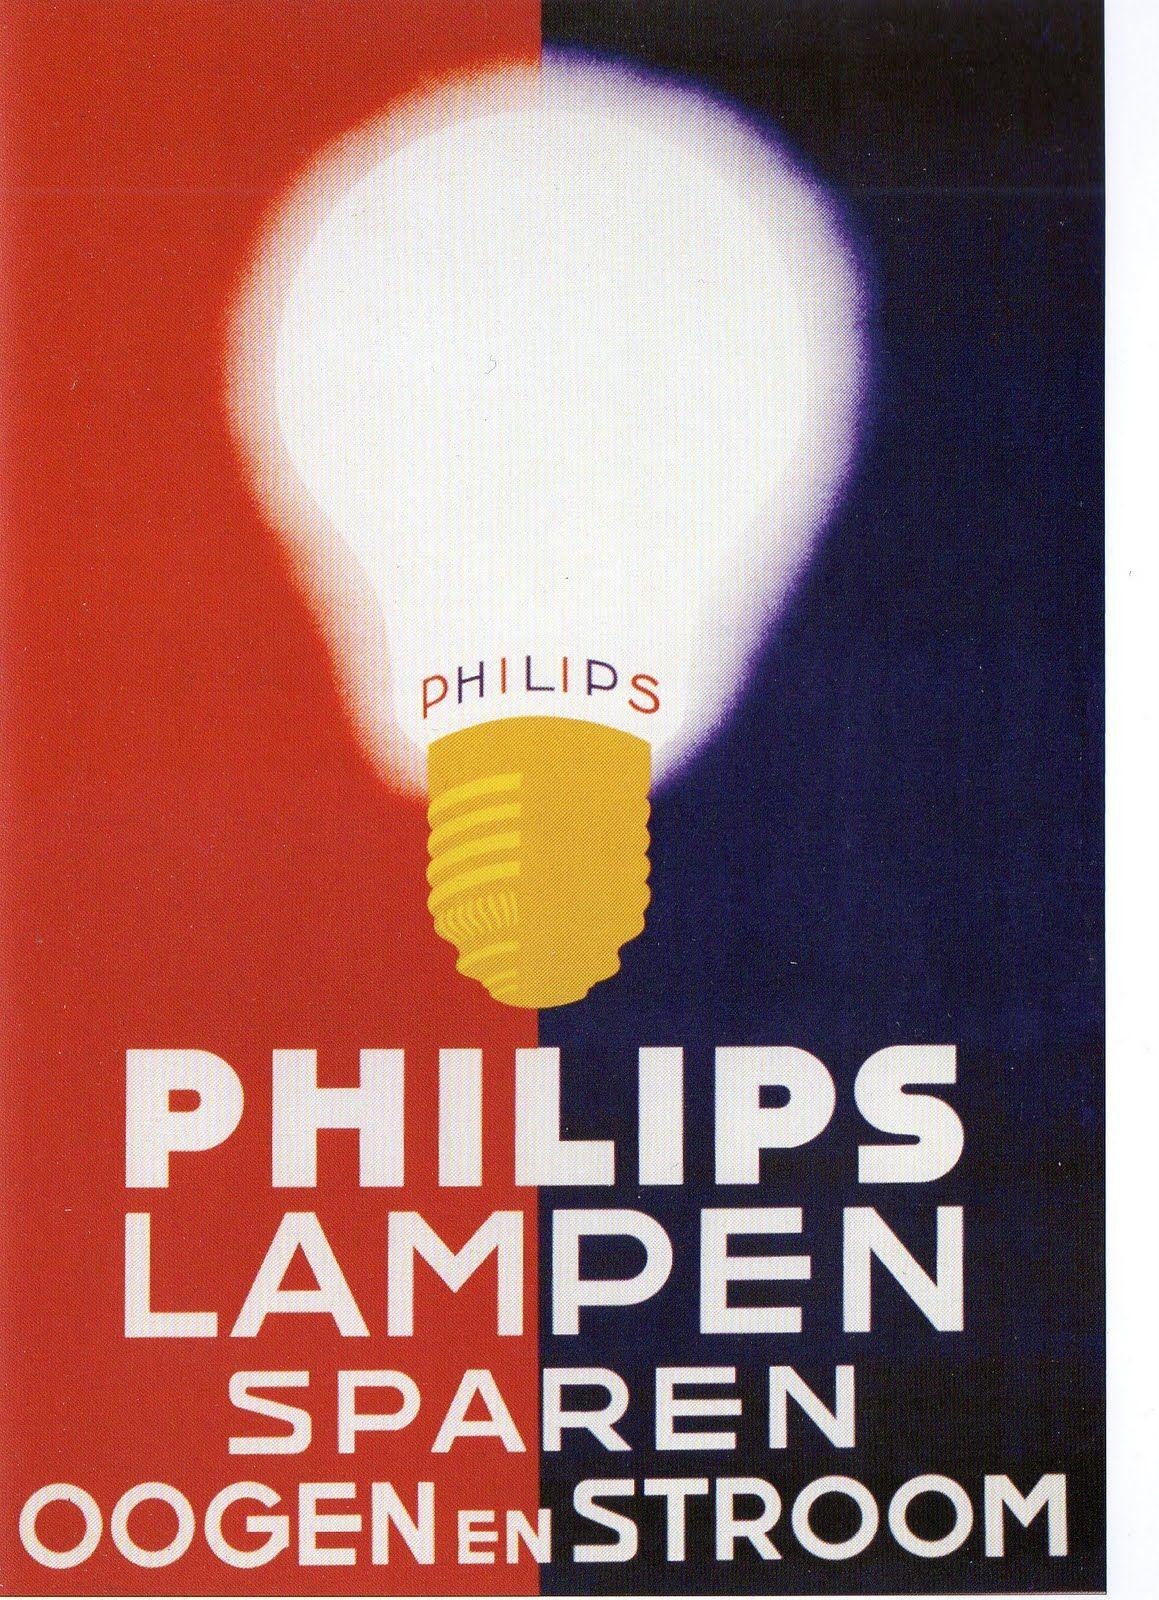 Oude philips lampen reclame wat mij erg opvalt is dat de